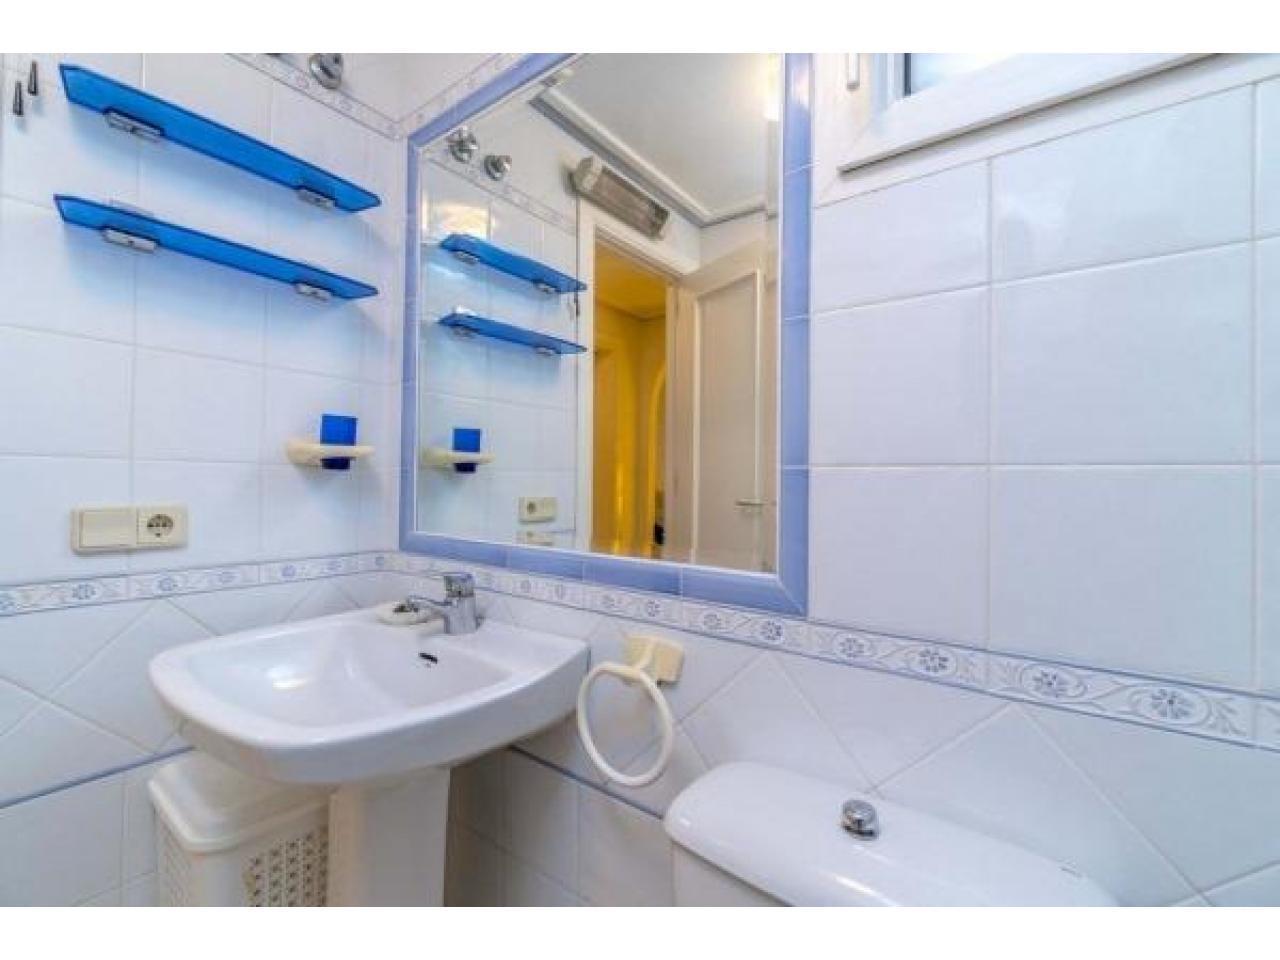 Недвижимость в Испании, Квартира с видами на море в Кампоамор,Коста Бланка,Испания - 8